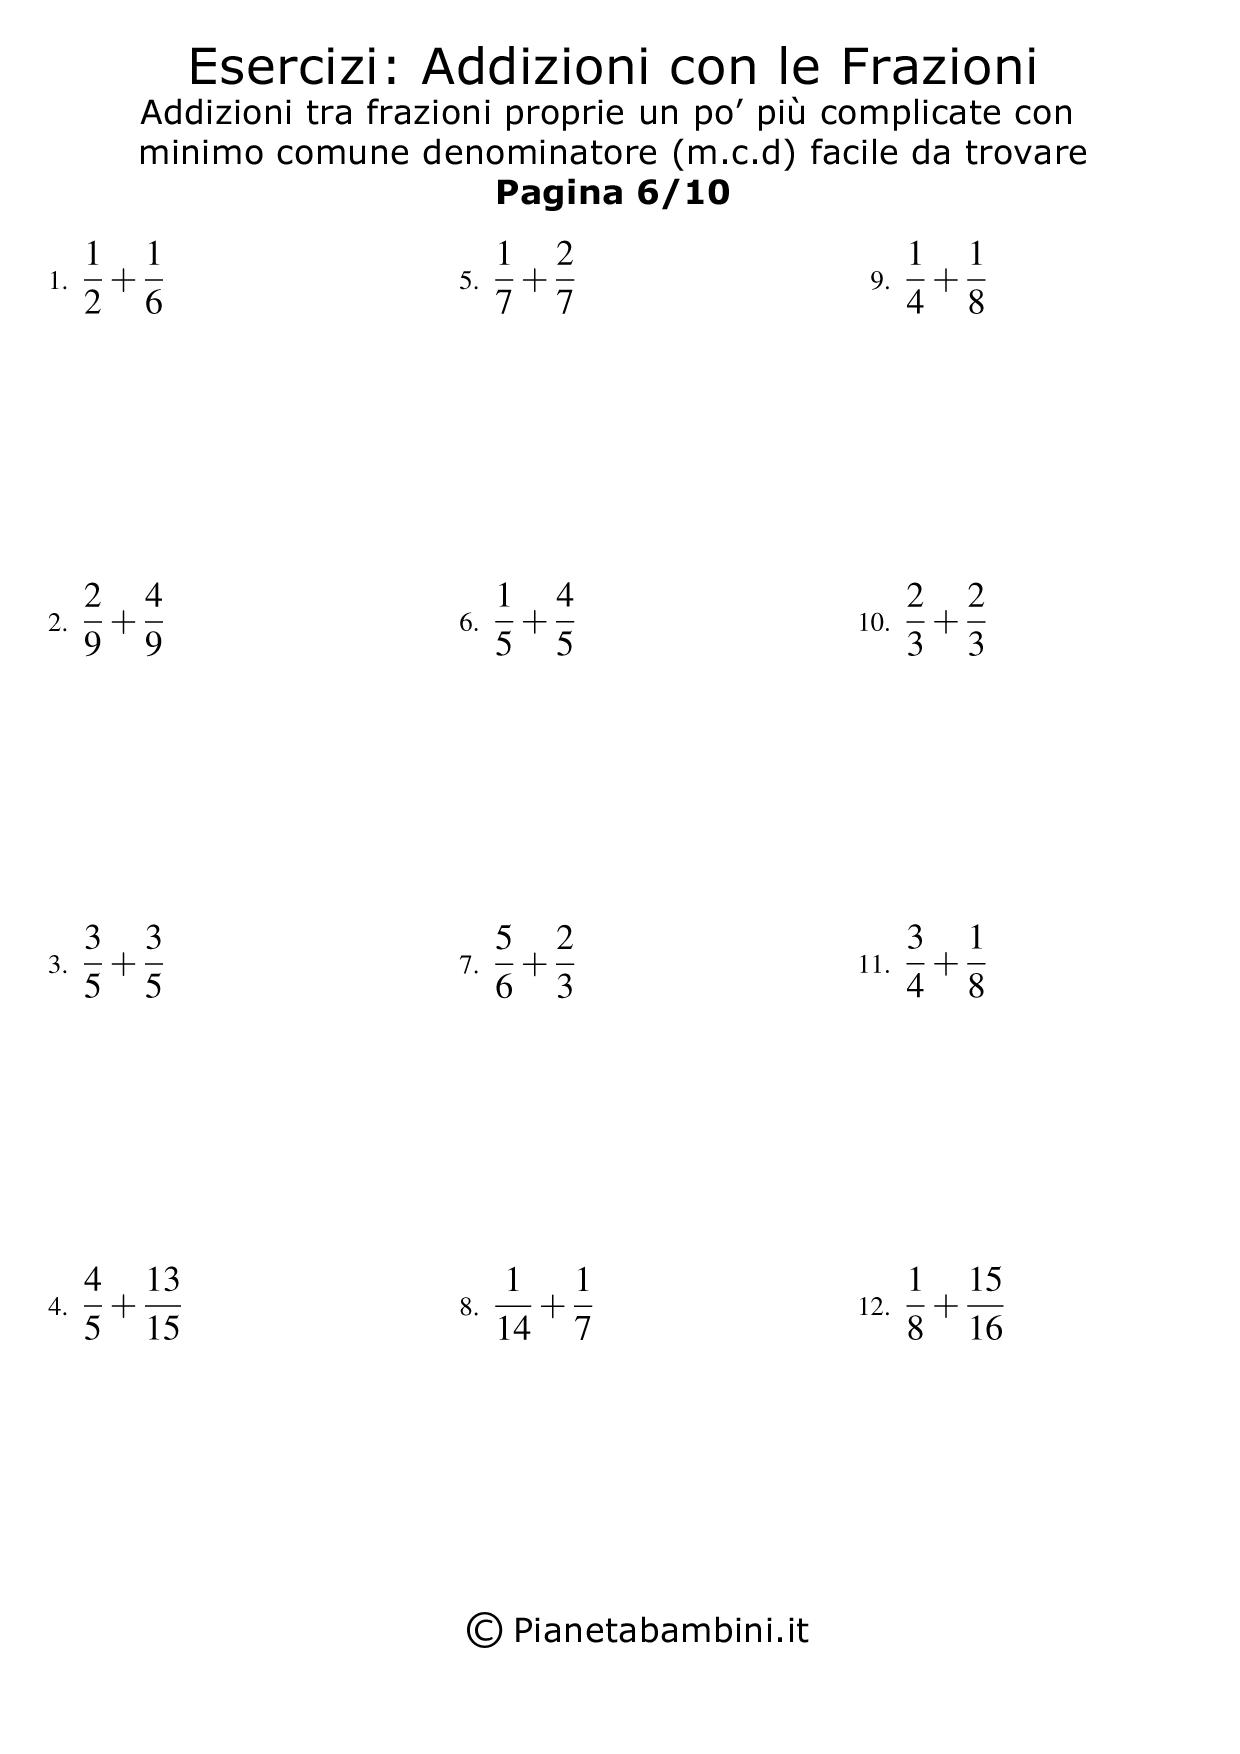 Frazioni-Complicate-m.c.d-Facile_06